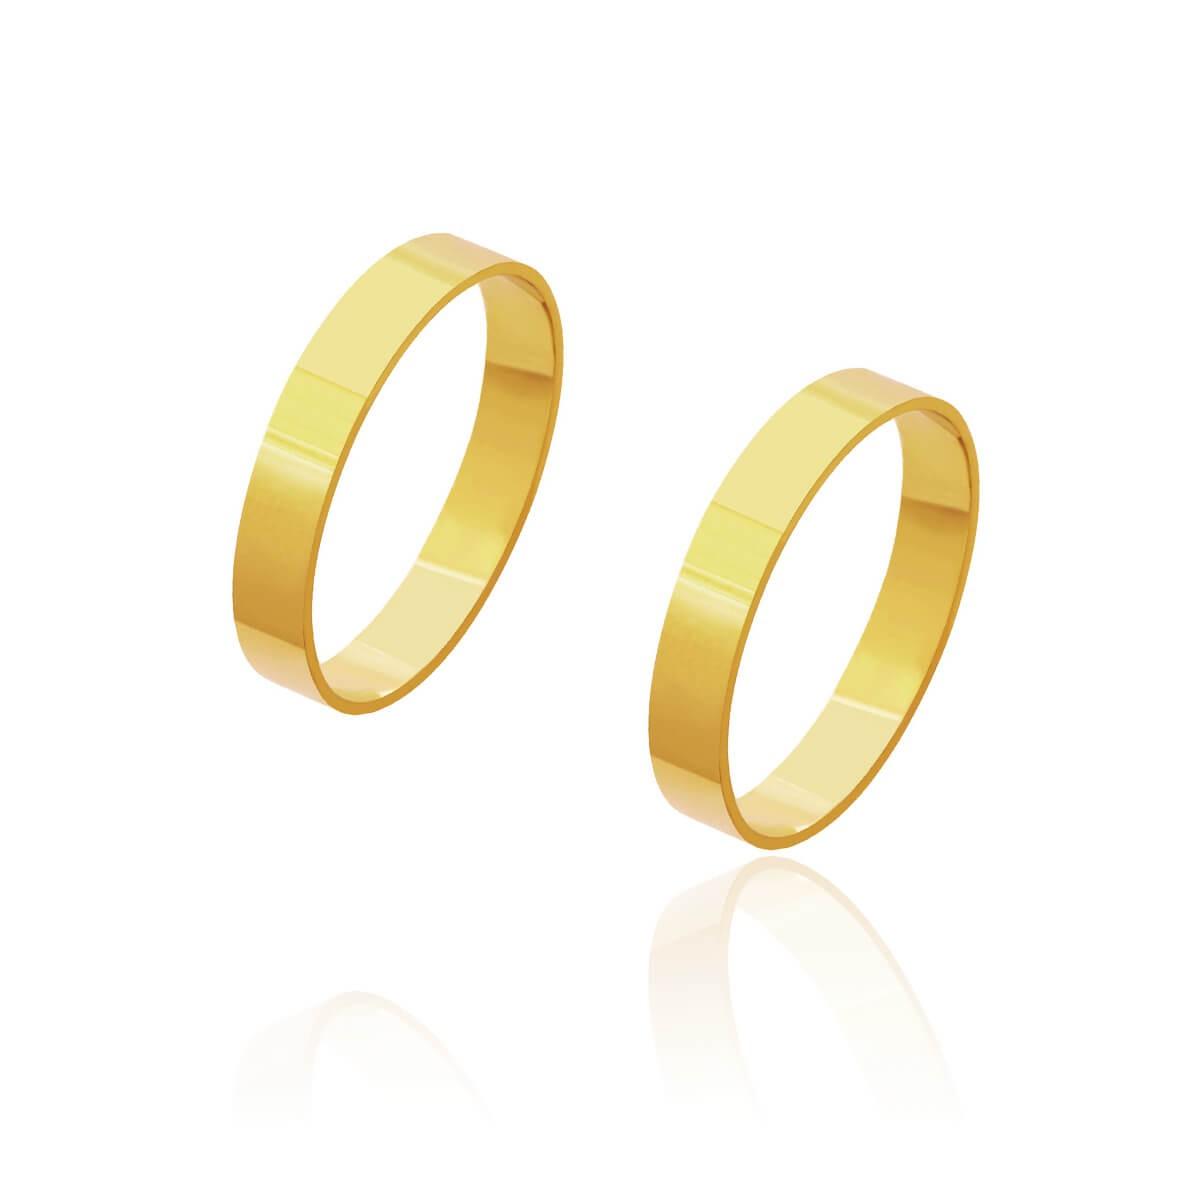 Par de Alianças de Casamento Cronos Ouro 18k Reta 3,5mm 4g